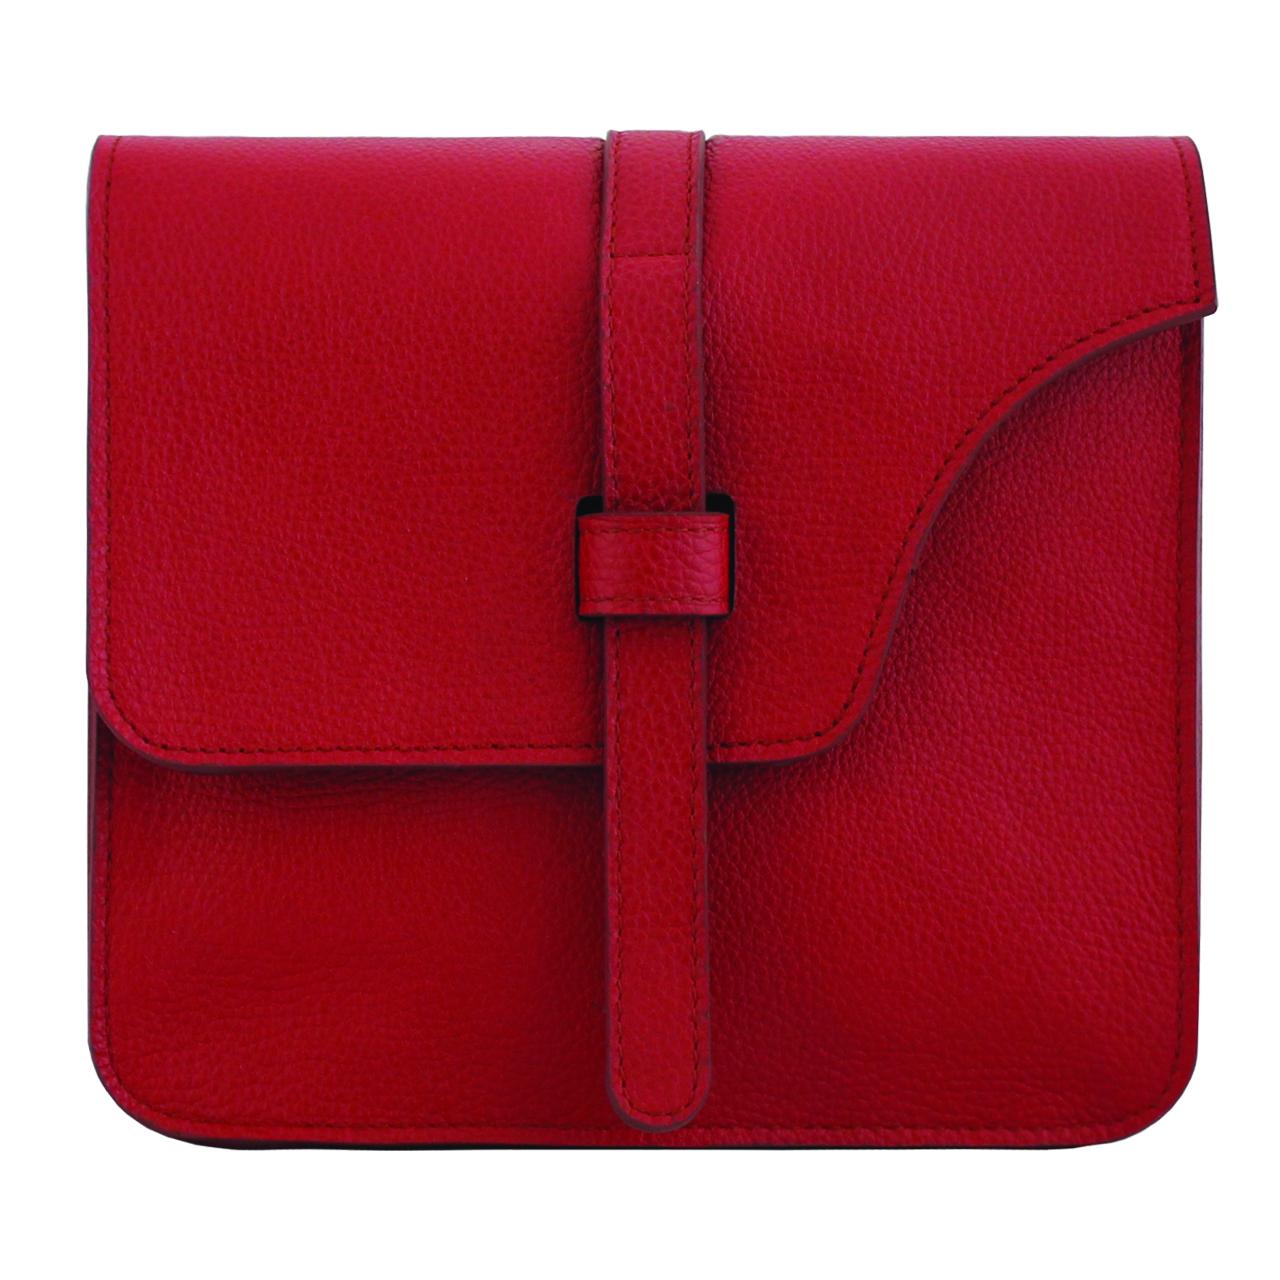 قیمت کیف دوشی زنانه چرم طبیعی جانتا مدل 074a